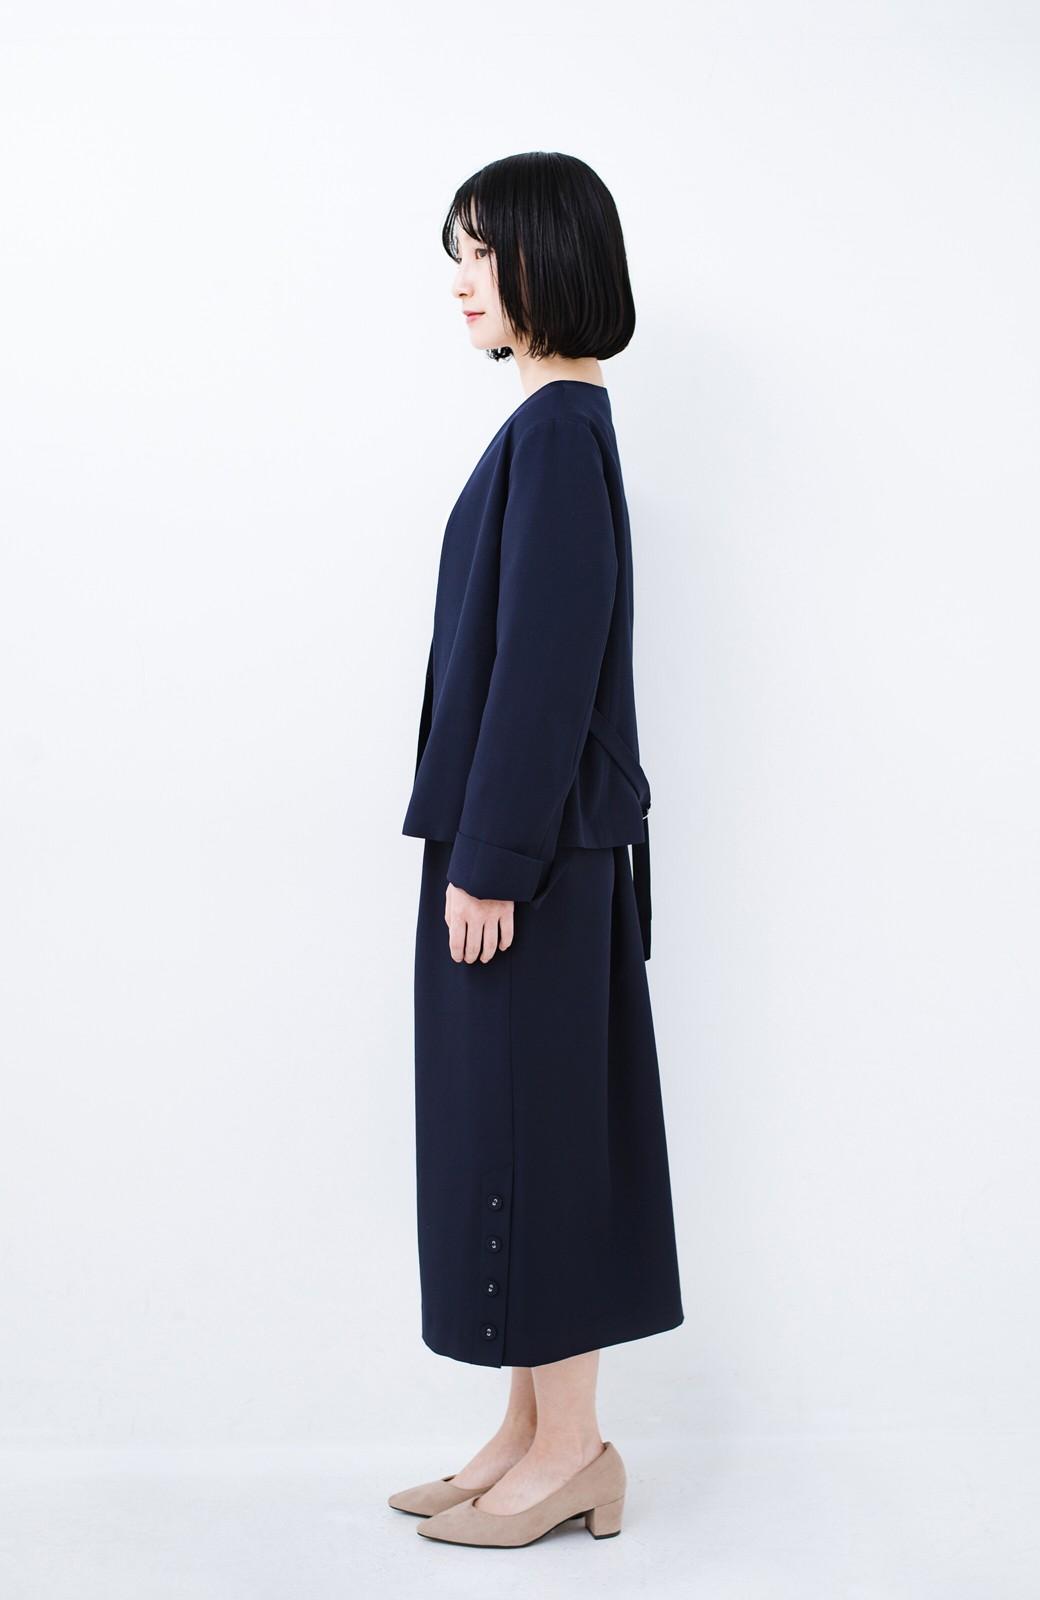 haco! 持っていると便利な野暮ったくならないフォーマルジャケット・パンツ・スカートの3点セット <ダークネイビー>の商品写真7